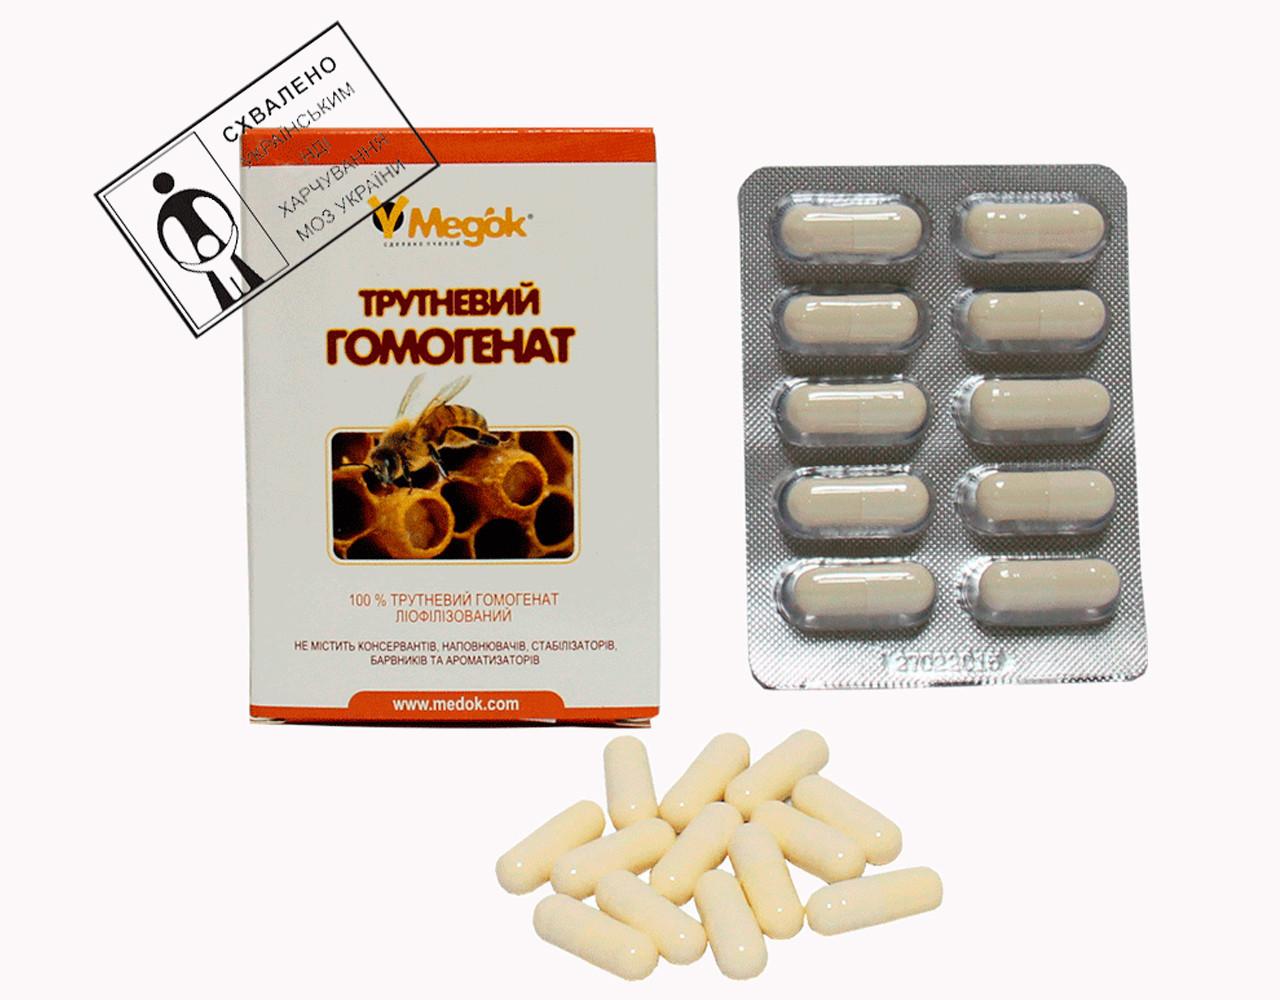 Трутневий гомогенат ліофілізований — 10 капсул